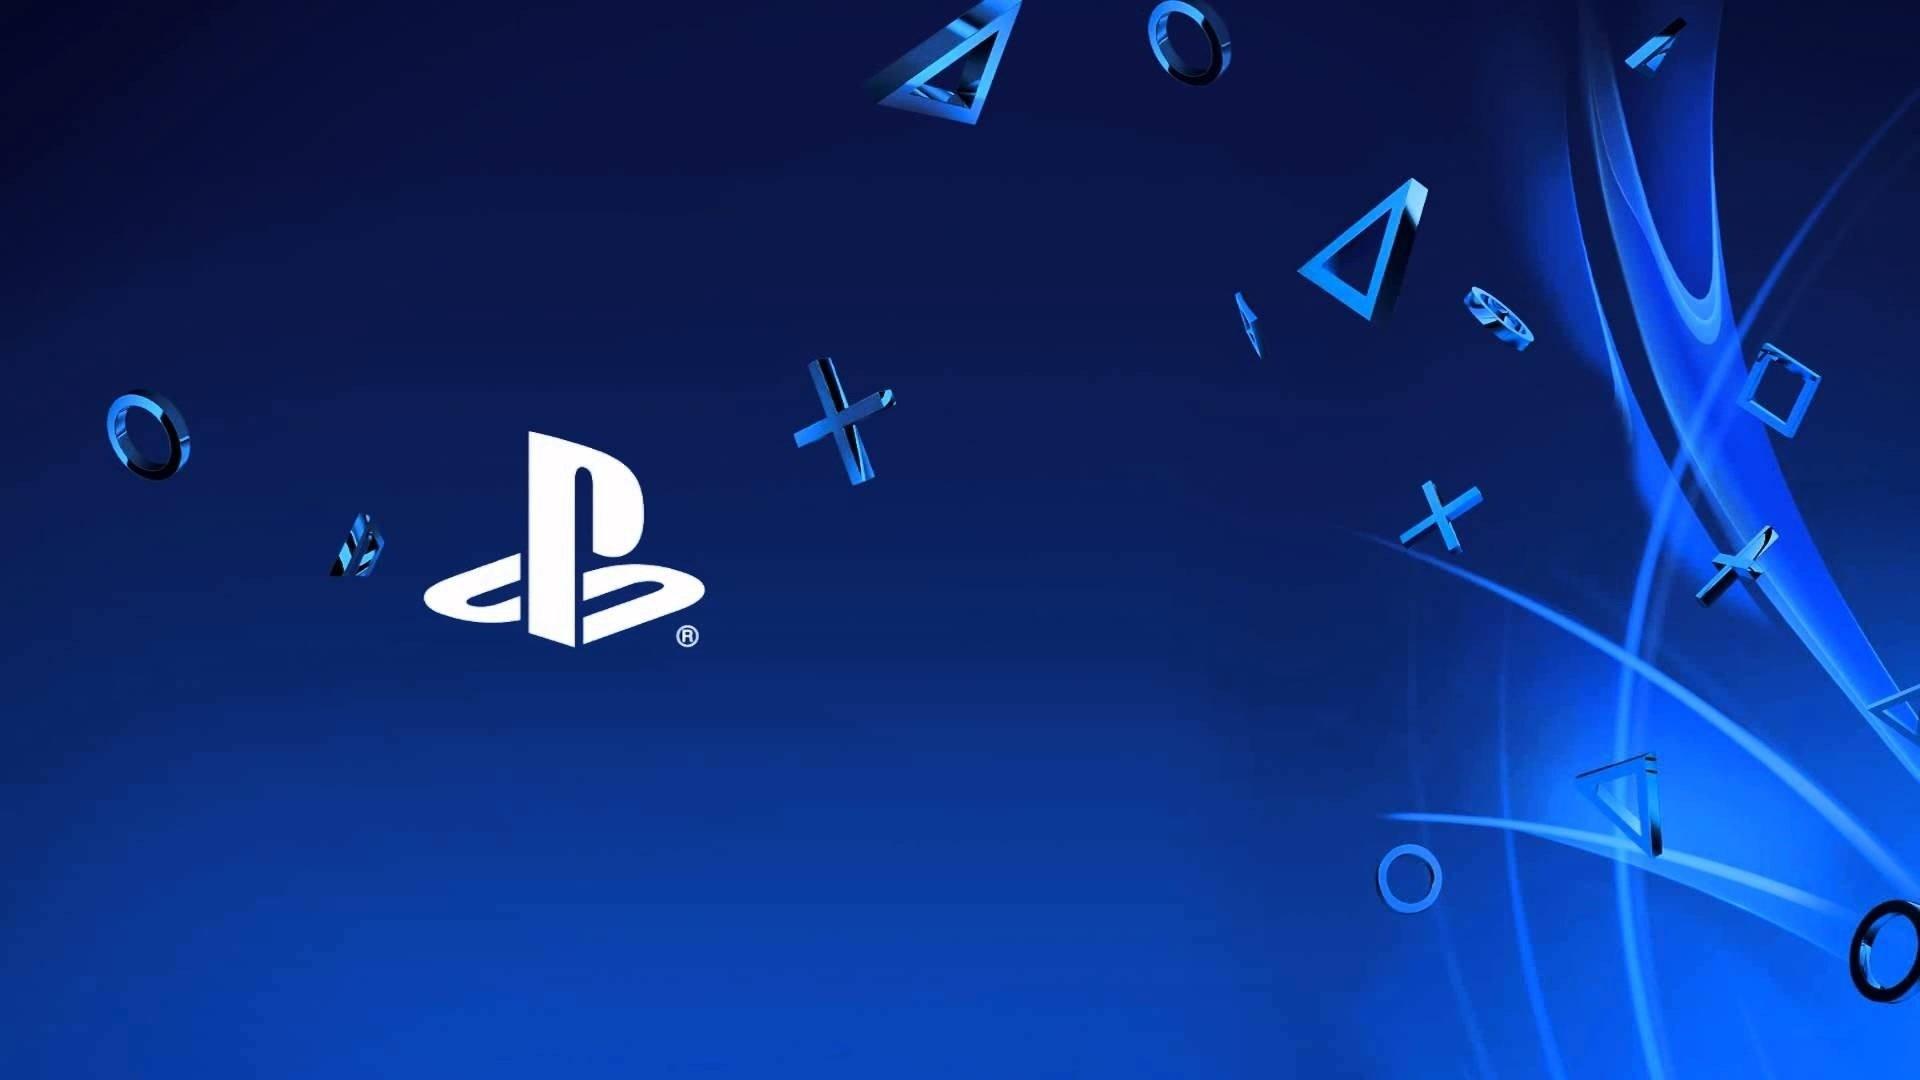 Playstation hd desktop wallpaper